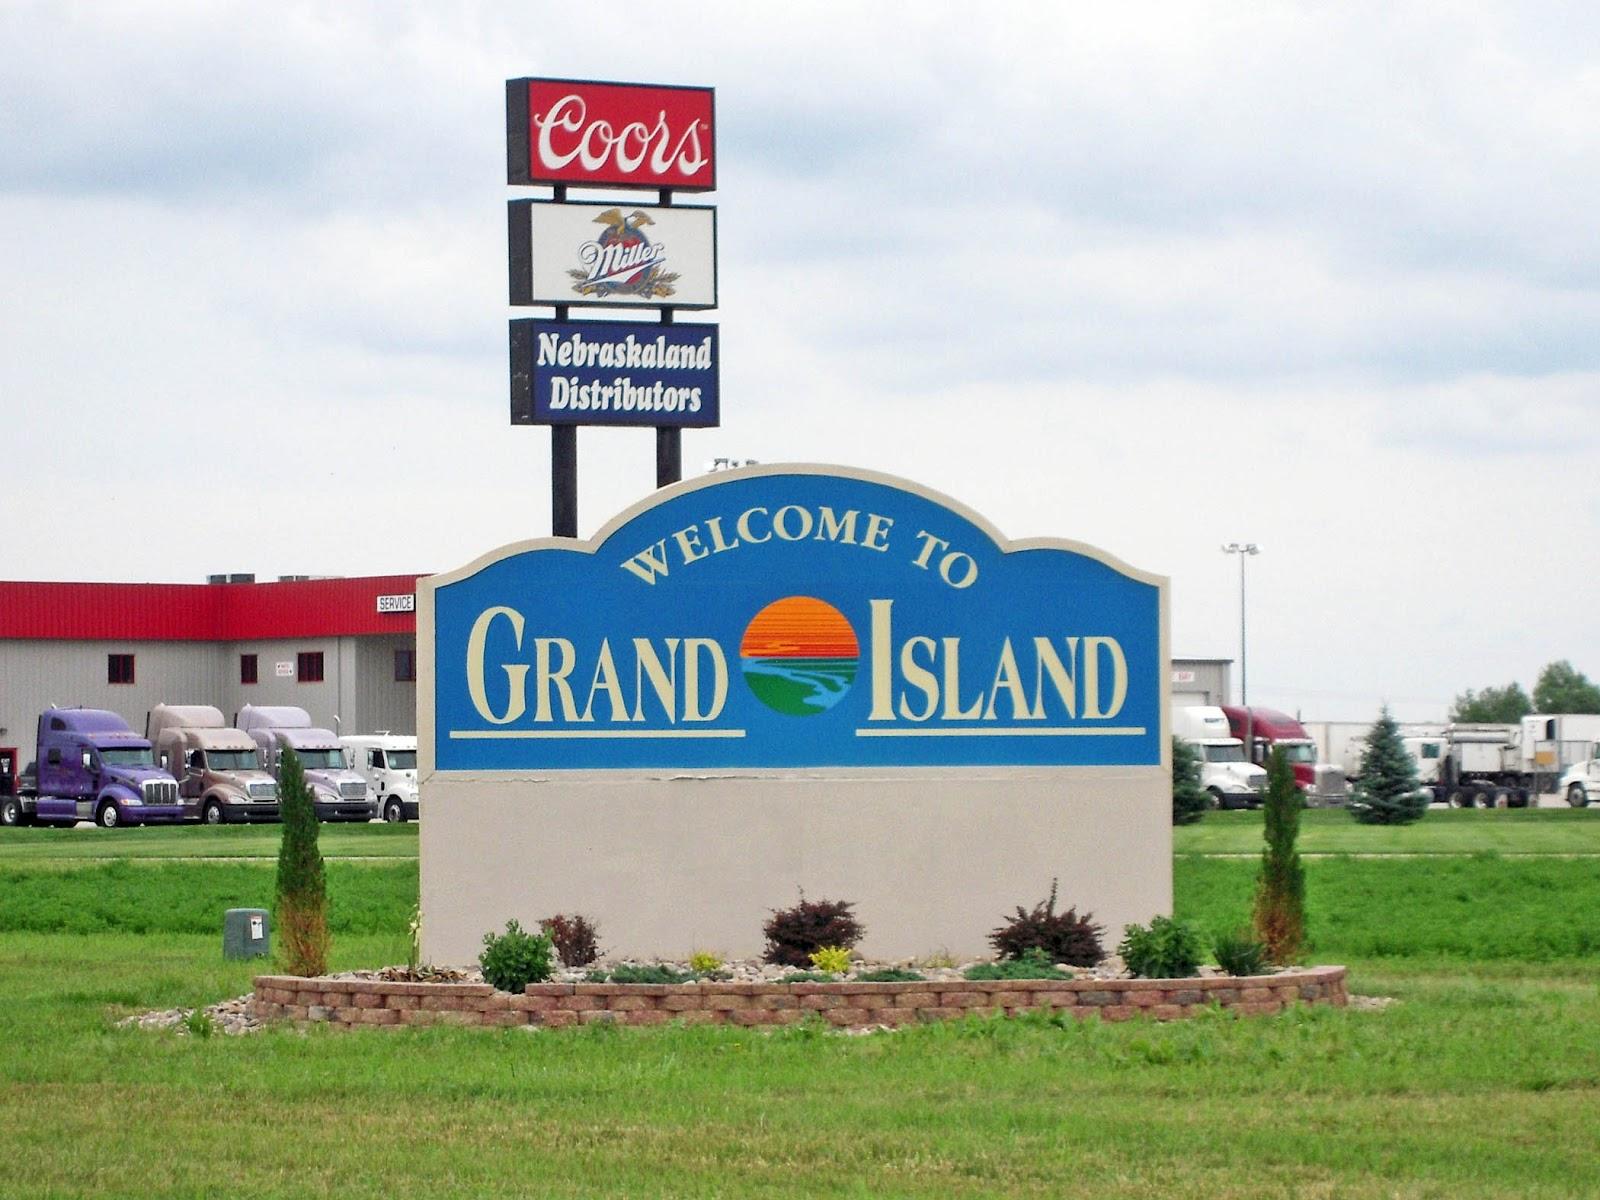 Grand Island NE